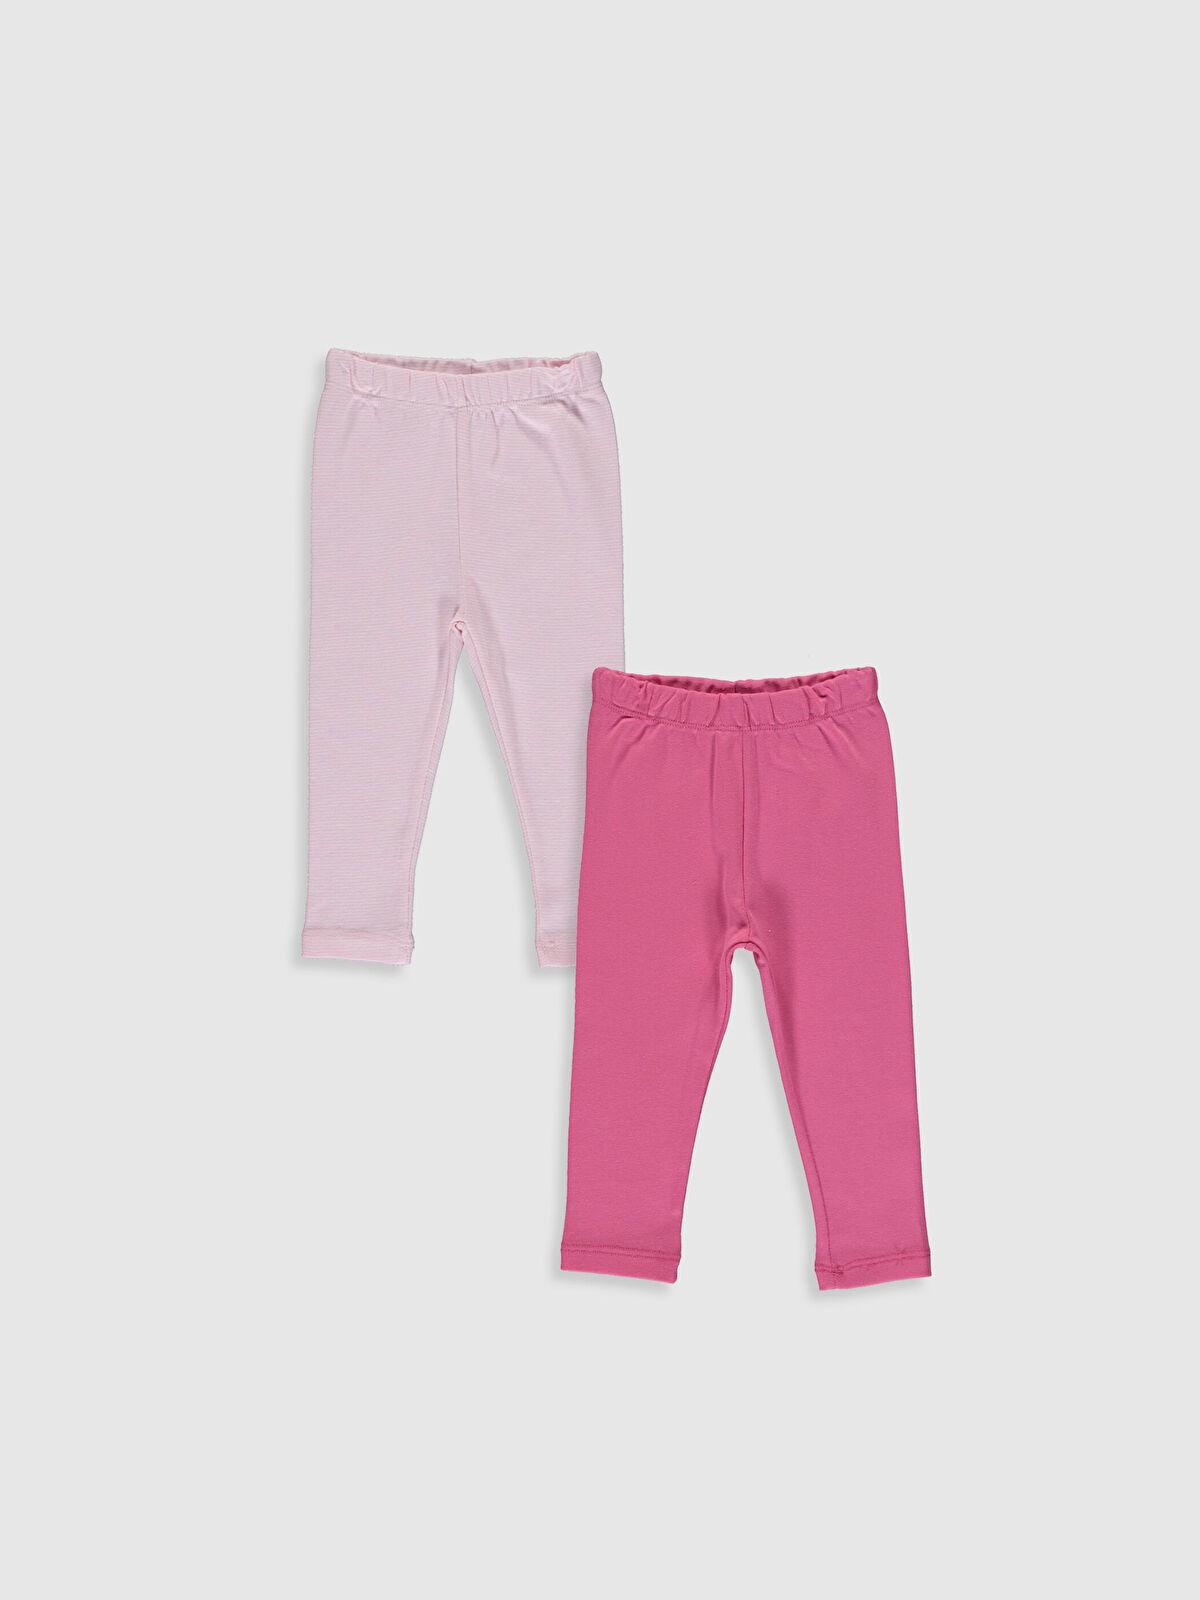 Kız Bebek Pantolon 2'li - LC WAIKIKI